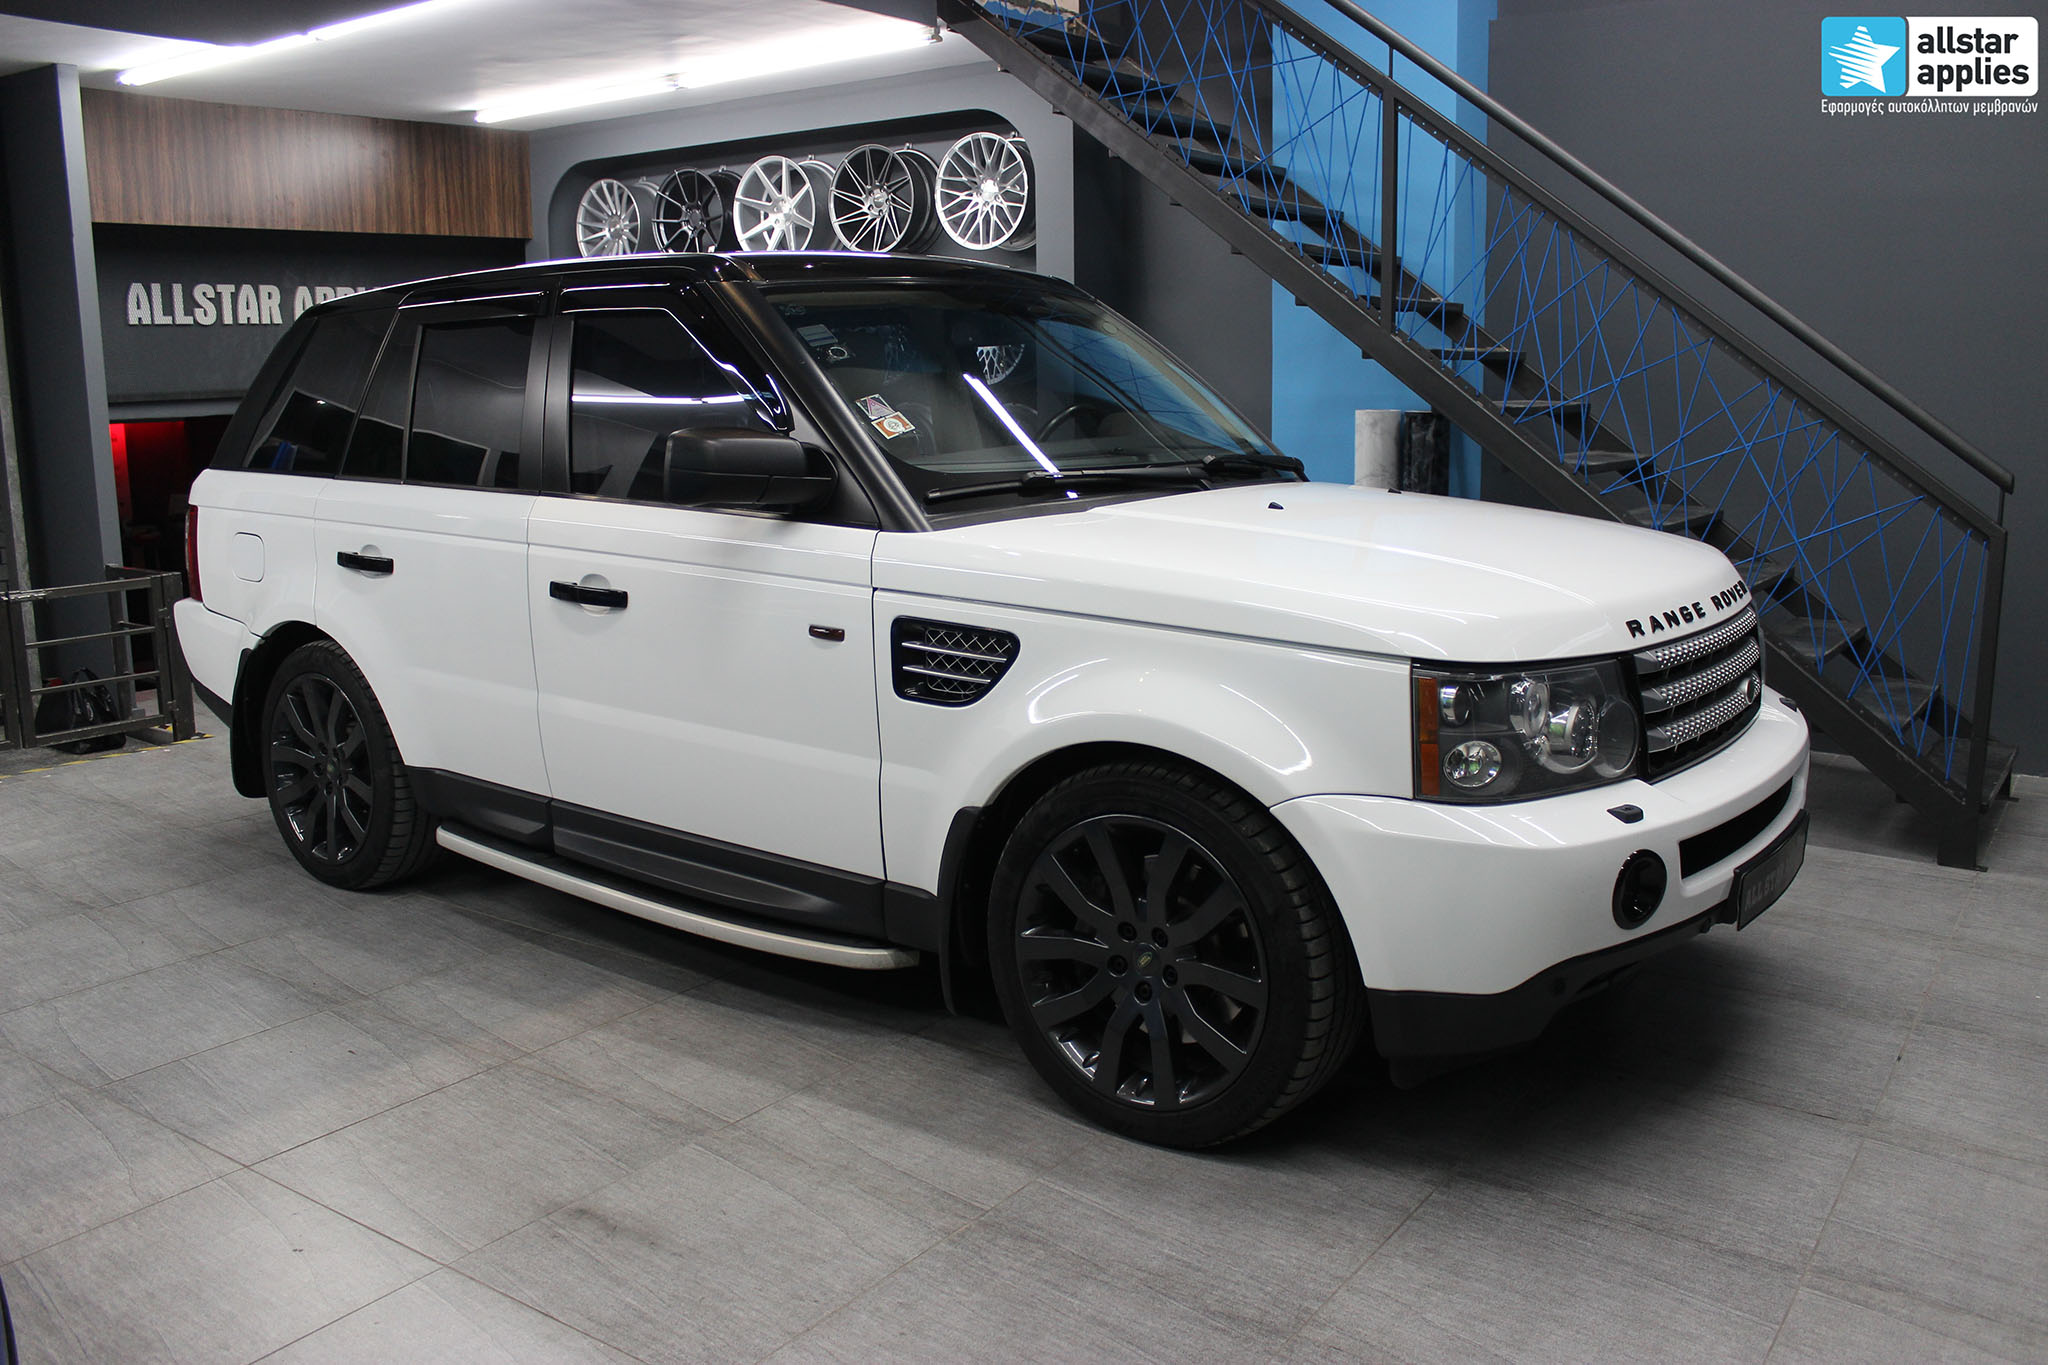 Range Rover – White Metallic (1)